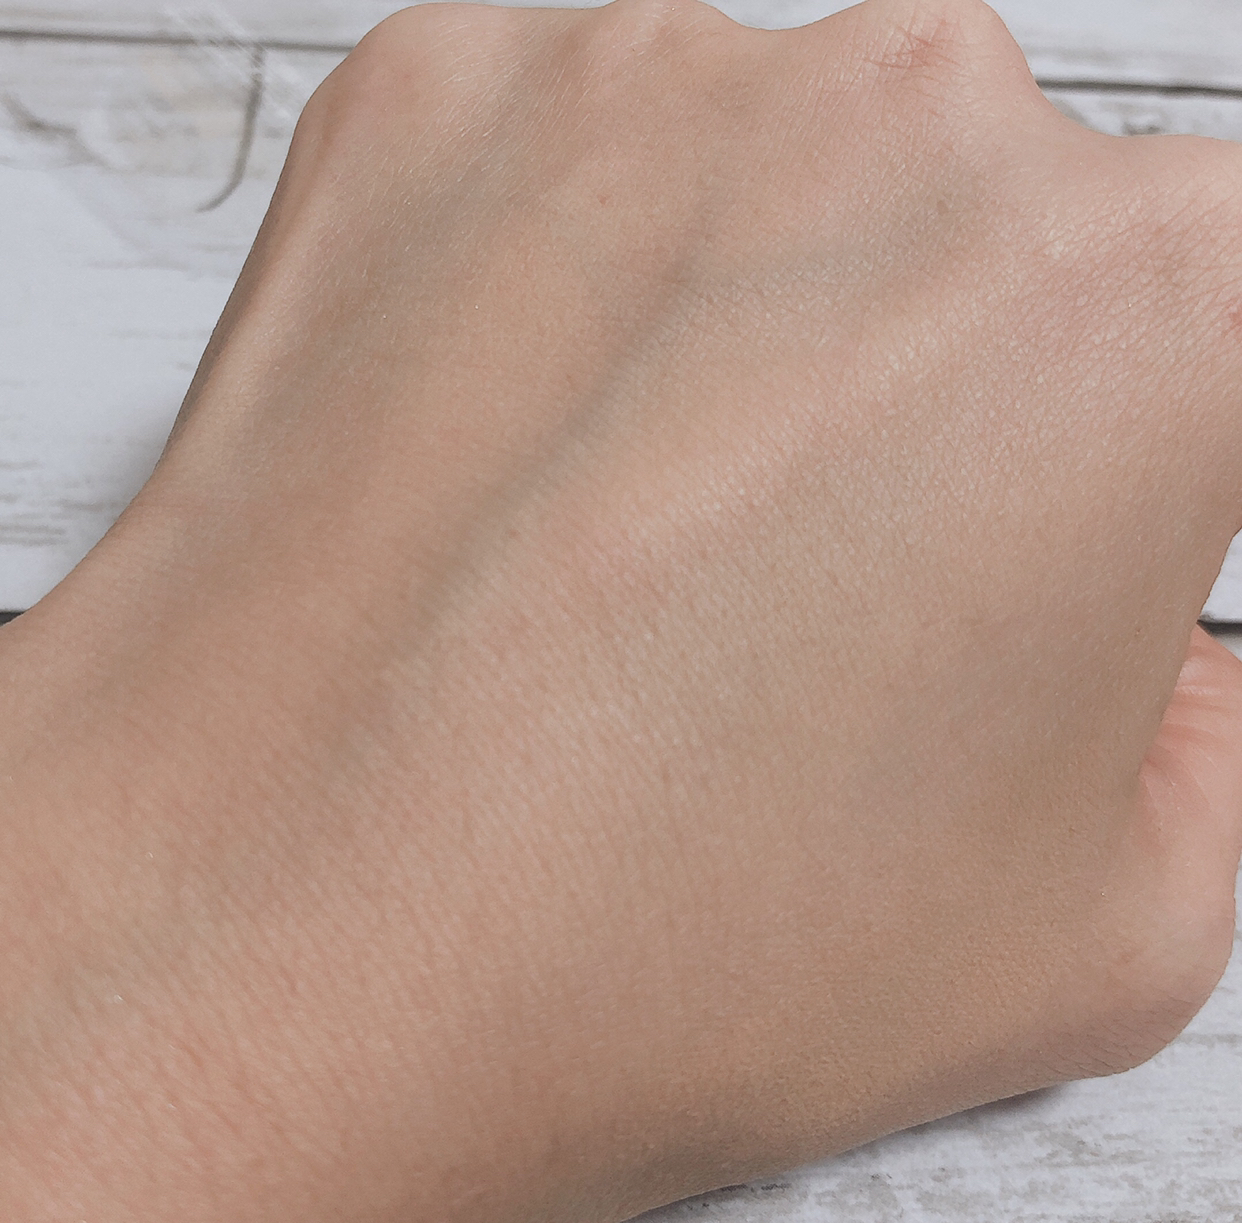 プロ仕上げ♡透け感美肌が手に入る。仕上がりもプロテク?INTEGRATE プロフィニッシュファンデーション。プチプラで使えるコスメをご紹介♡_4